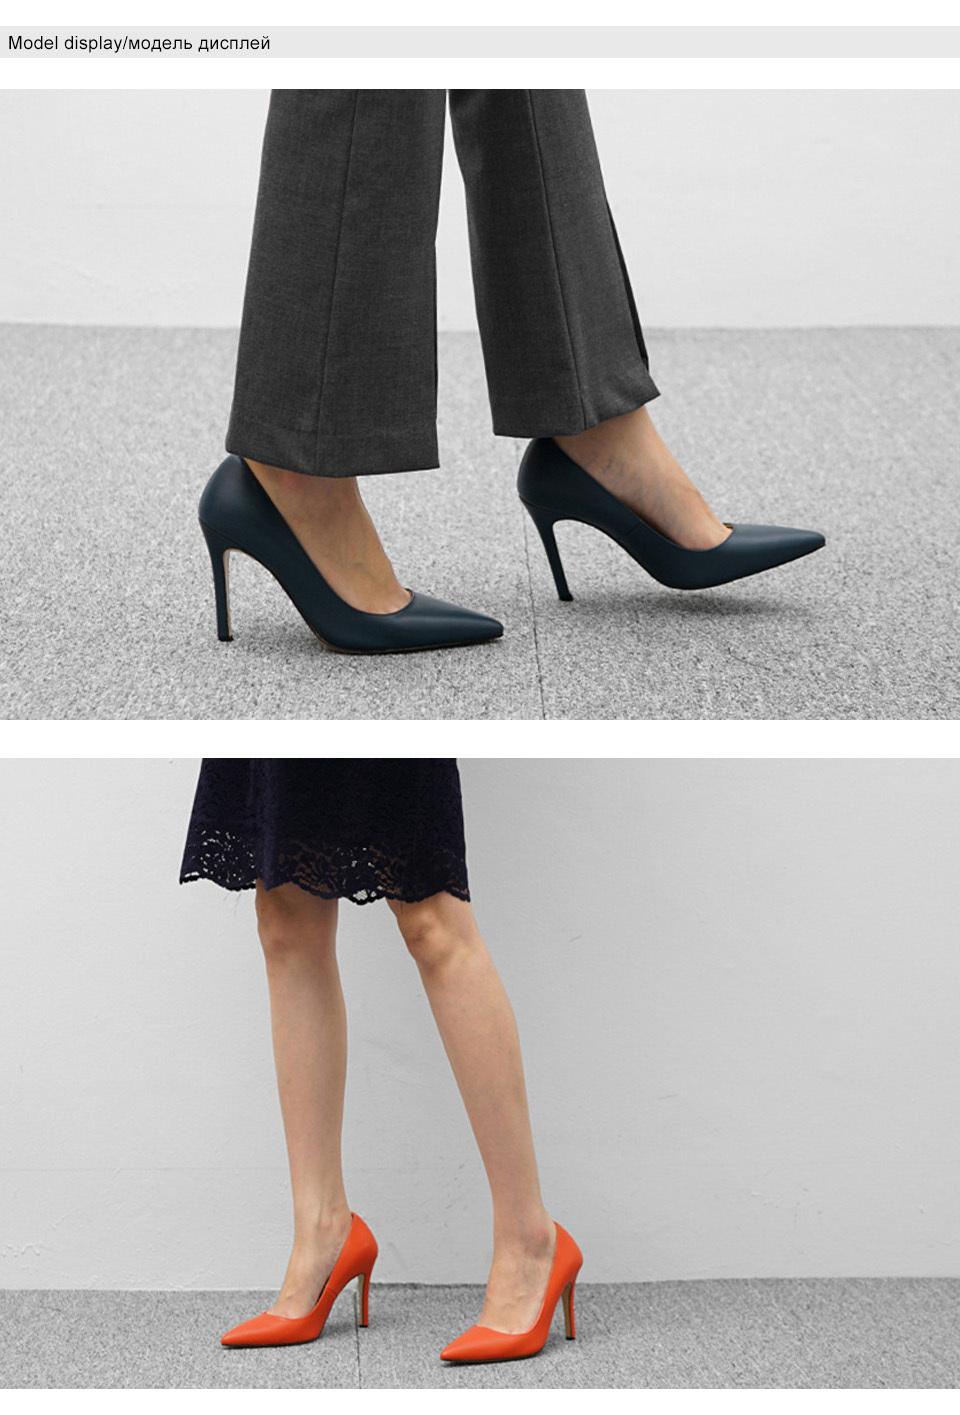 female heels 6